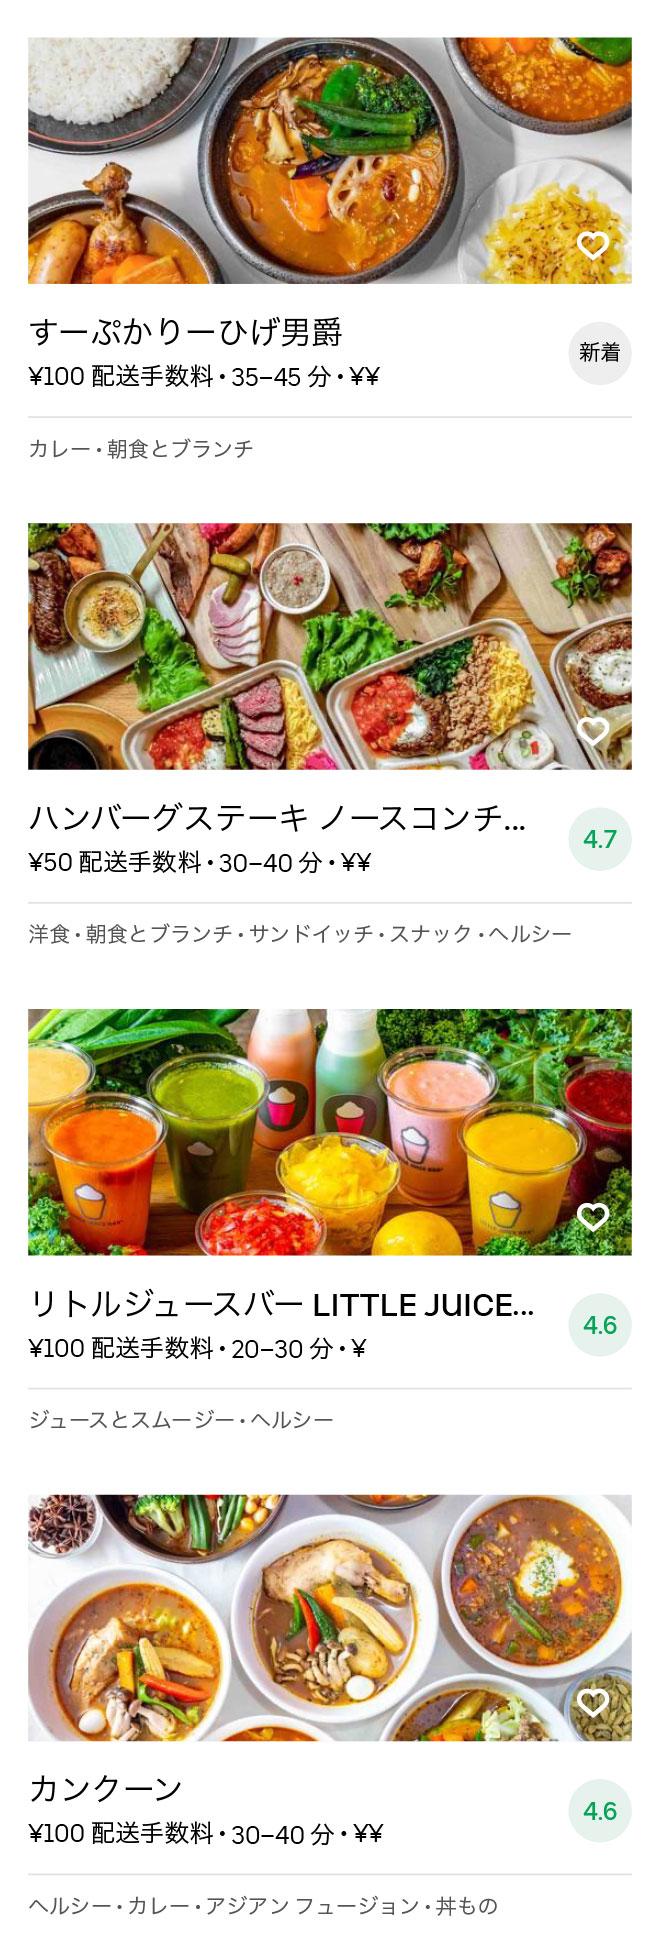 Susukino menu 2008 05